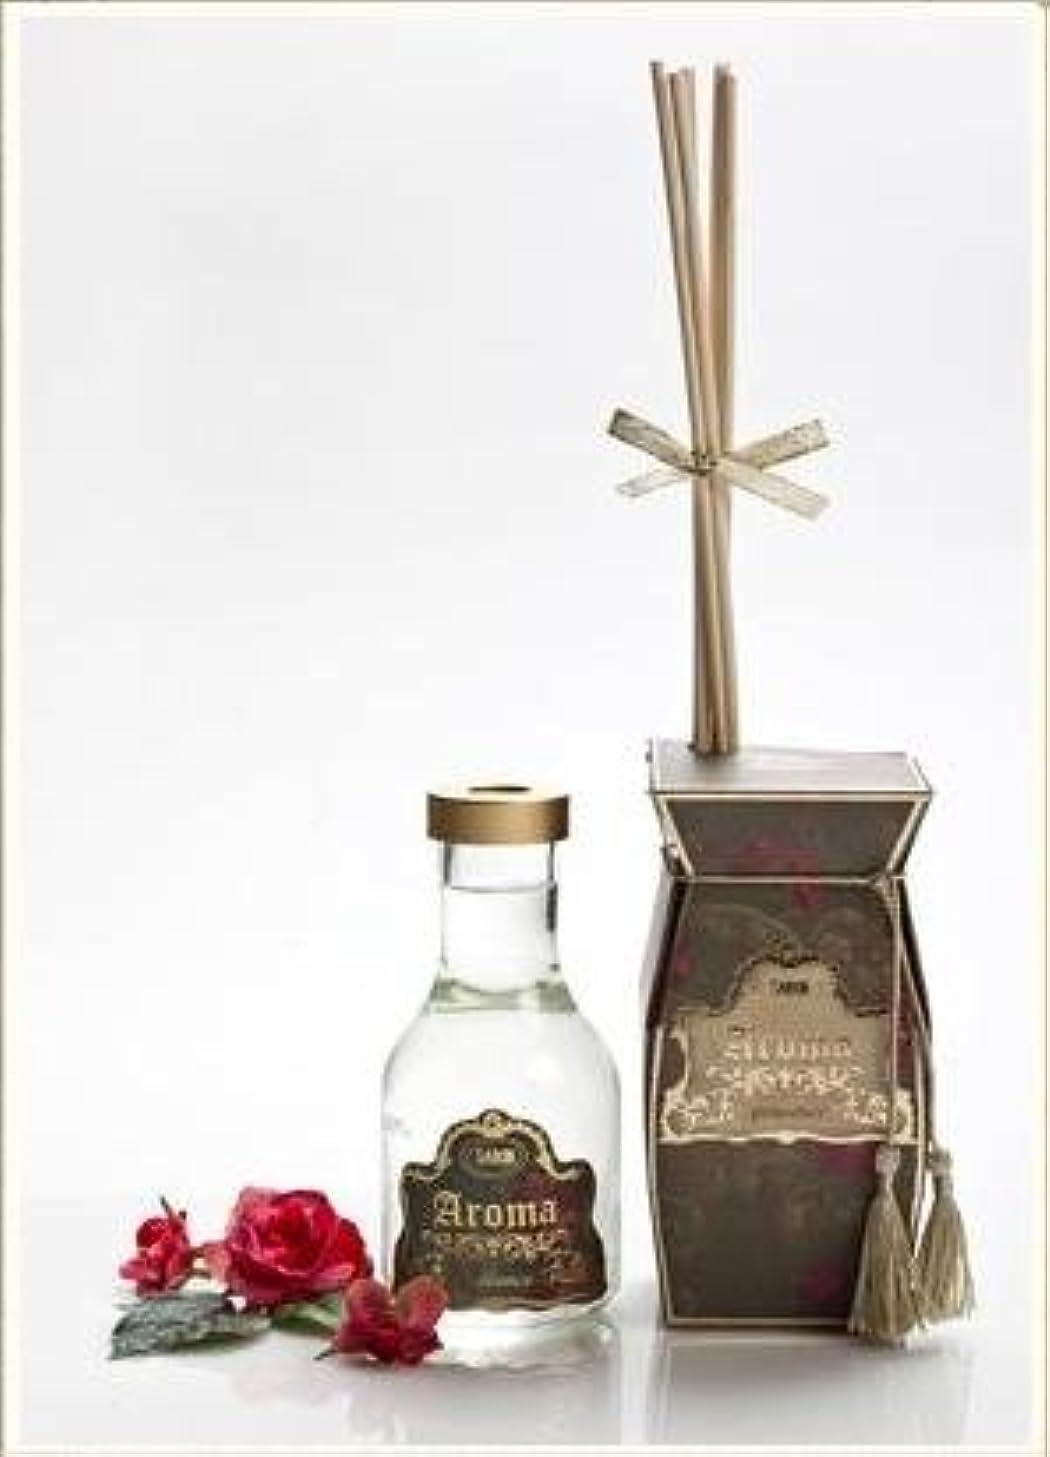 辛い雨のケントSABON Aroma Reed Diffuser アロマ ルーム フレグランス【プロヴァンス(ラベンダー)Provence (Lavender)】 リードディフューザー イスラエル発 並行輸入品 海外直送